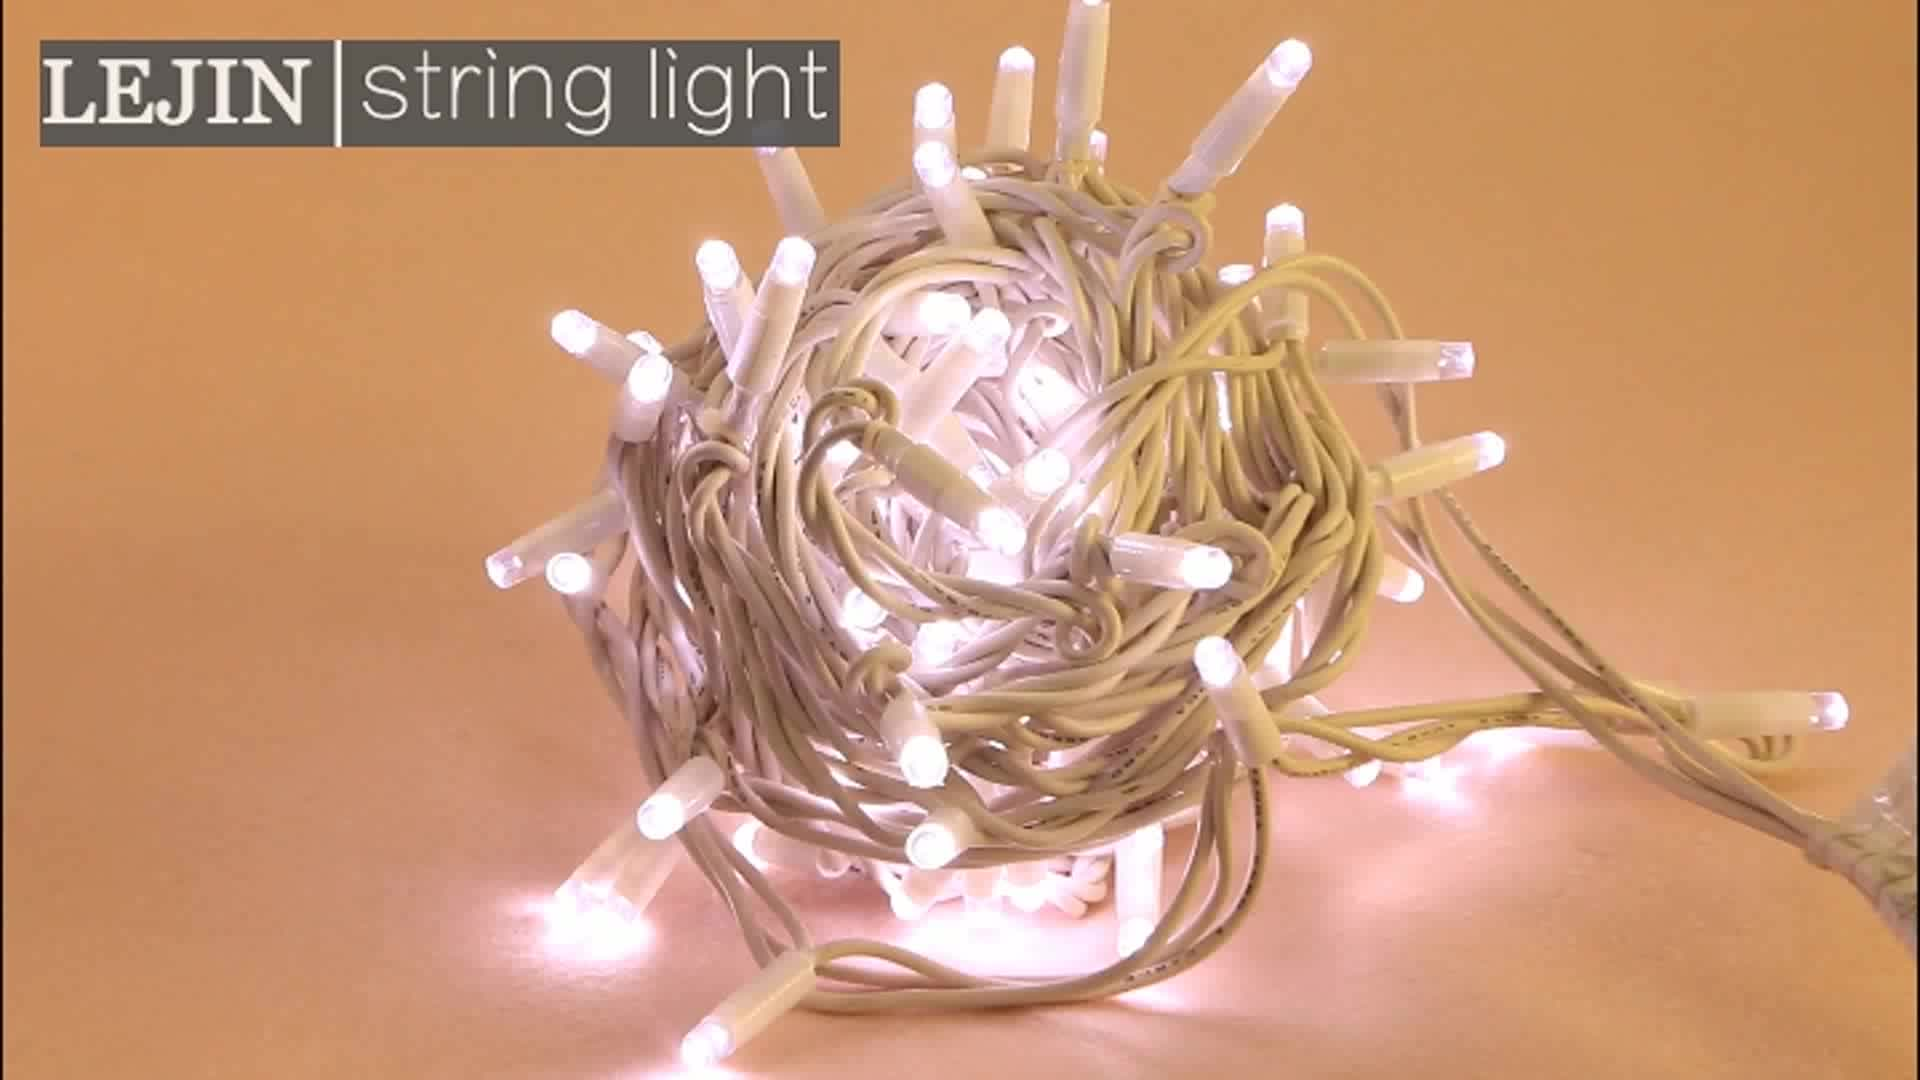 Dalam Stok Lampu Neon Kawat Karet IP65 10 Meter 100 Lampu LED Tali Ringan